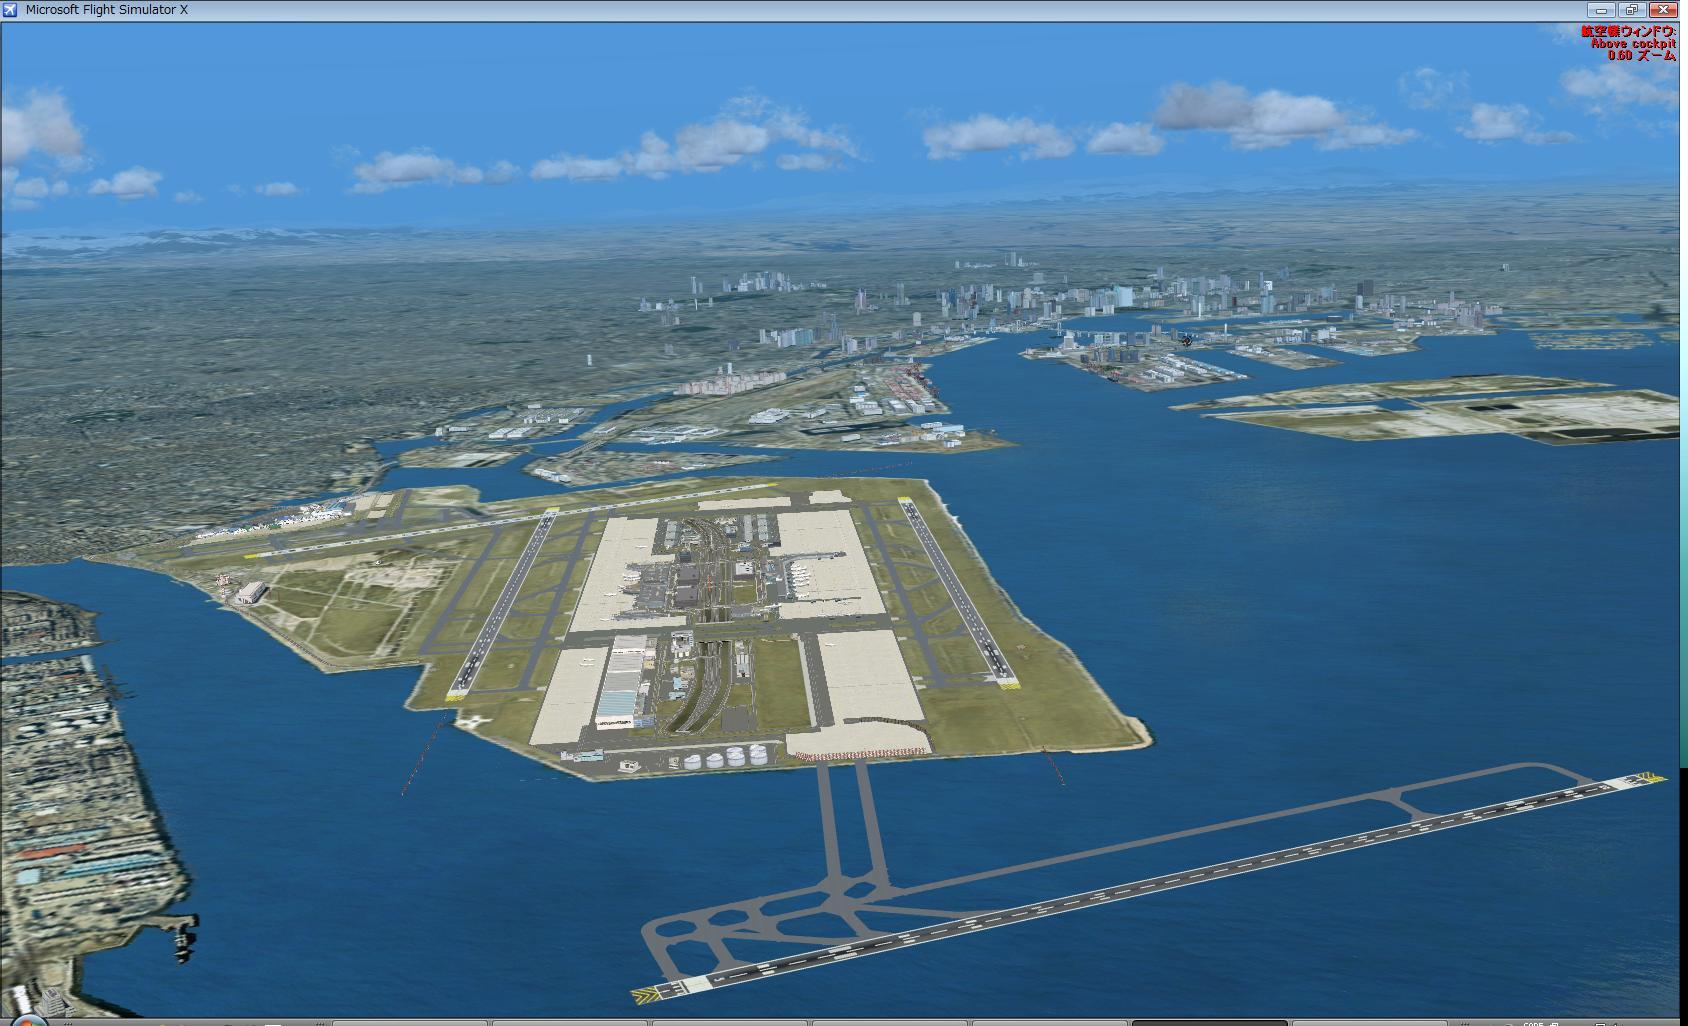 羽田空港(RJTT)のD滑走路を作ってみた:Blue Sky:So-netブログ